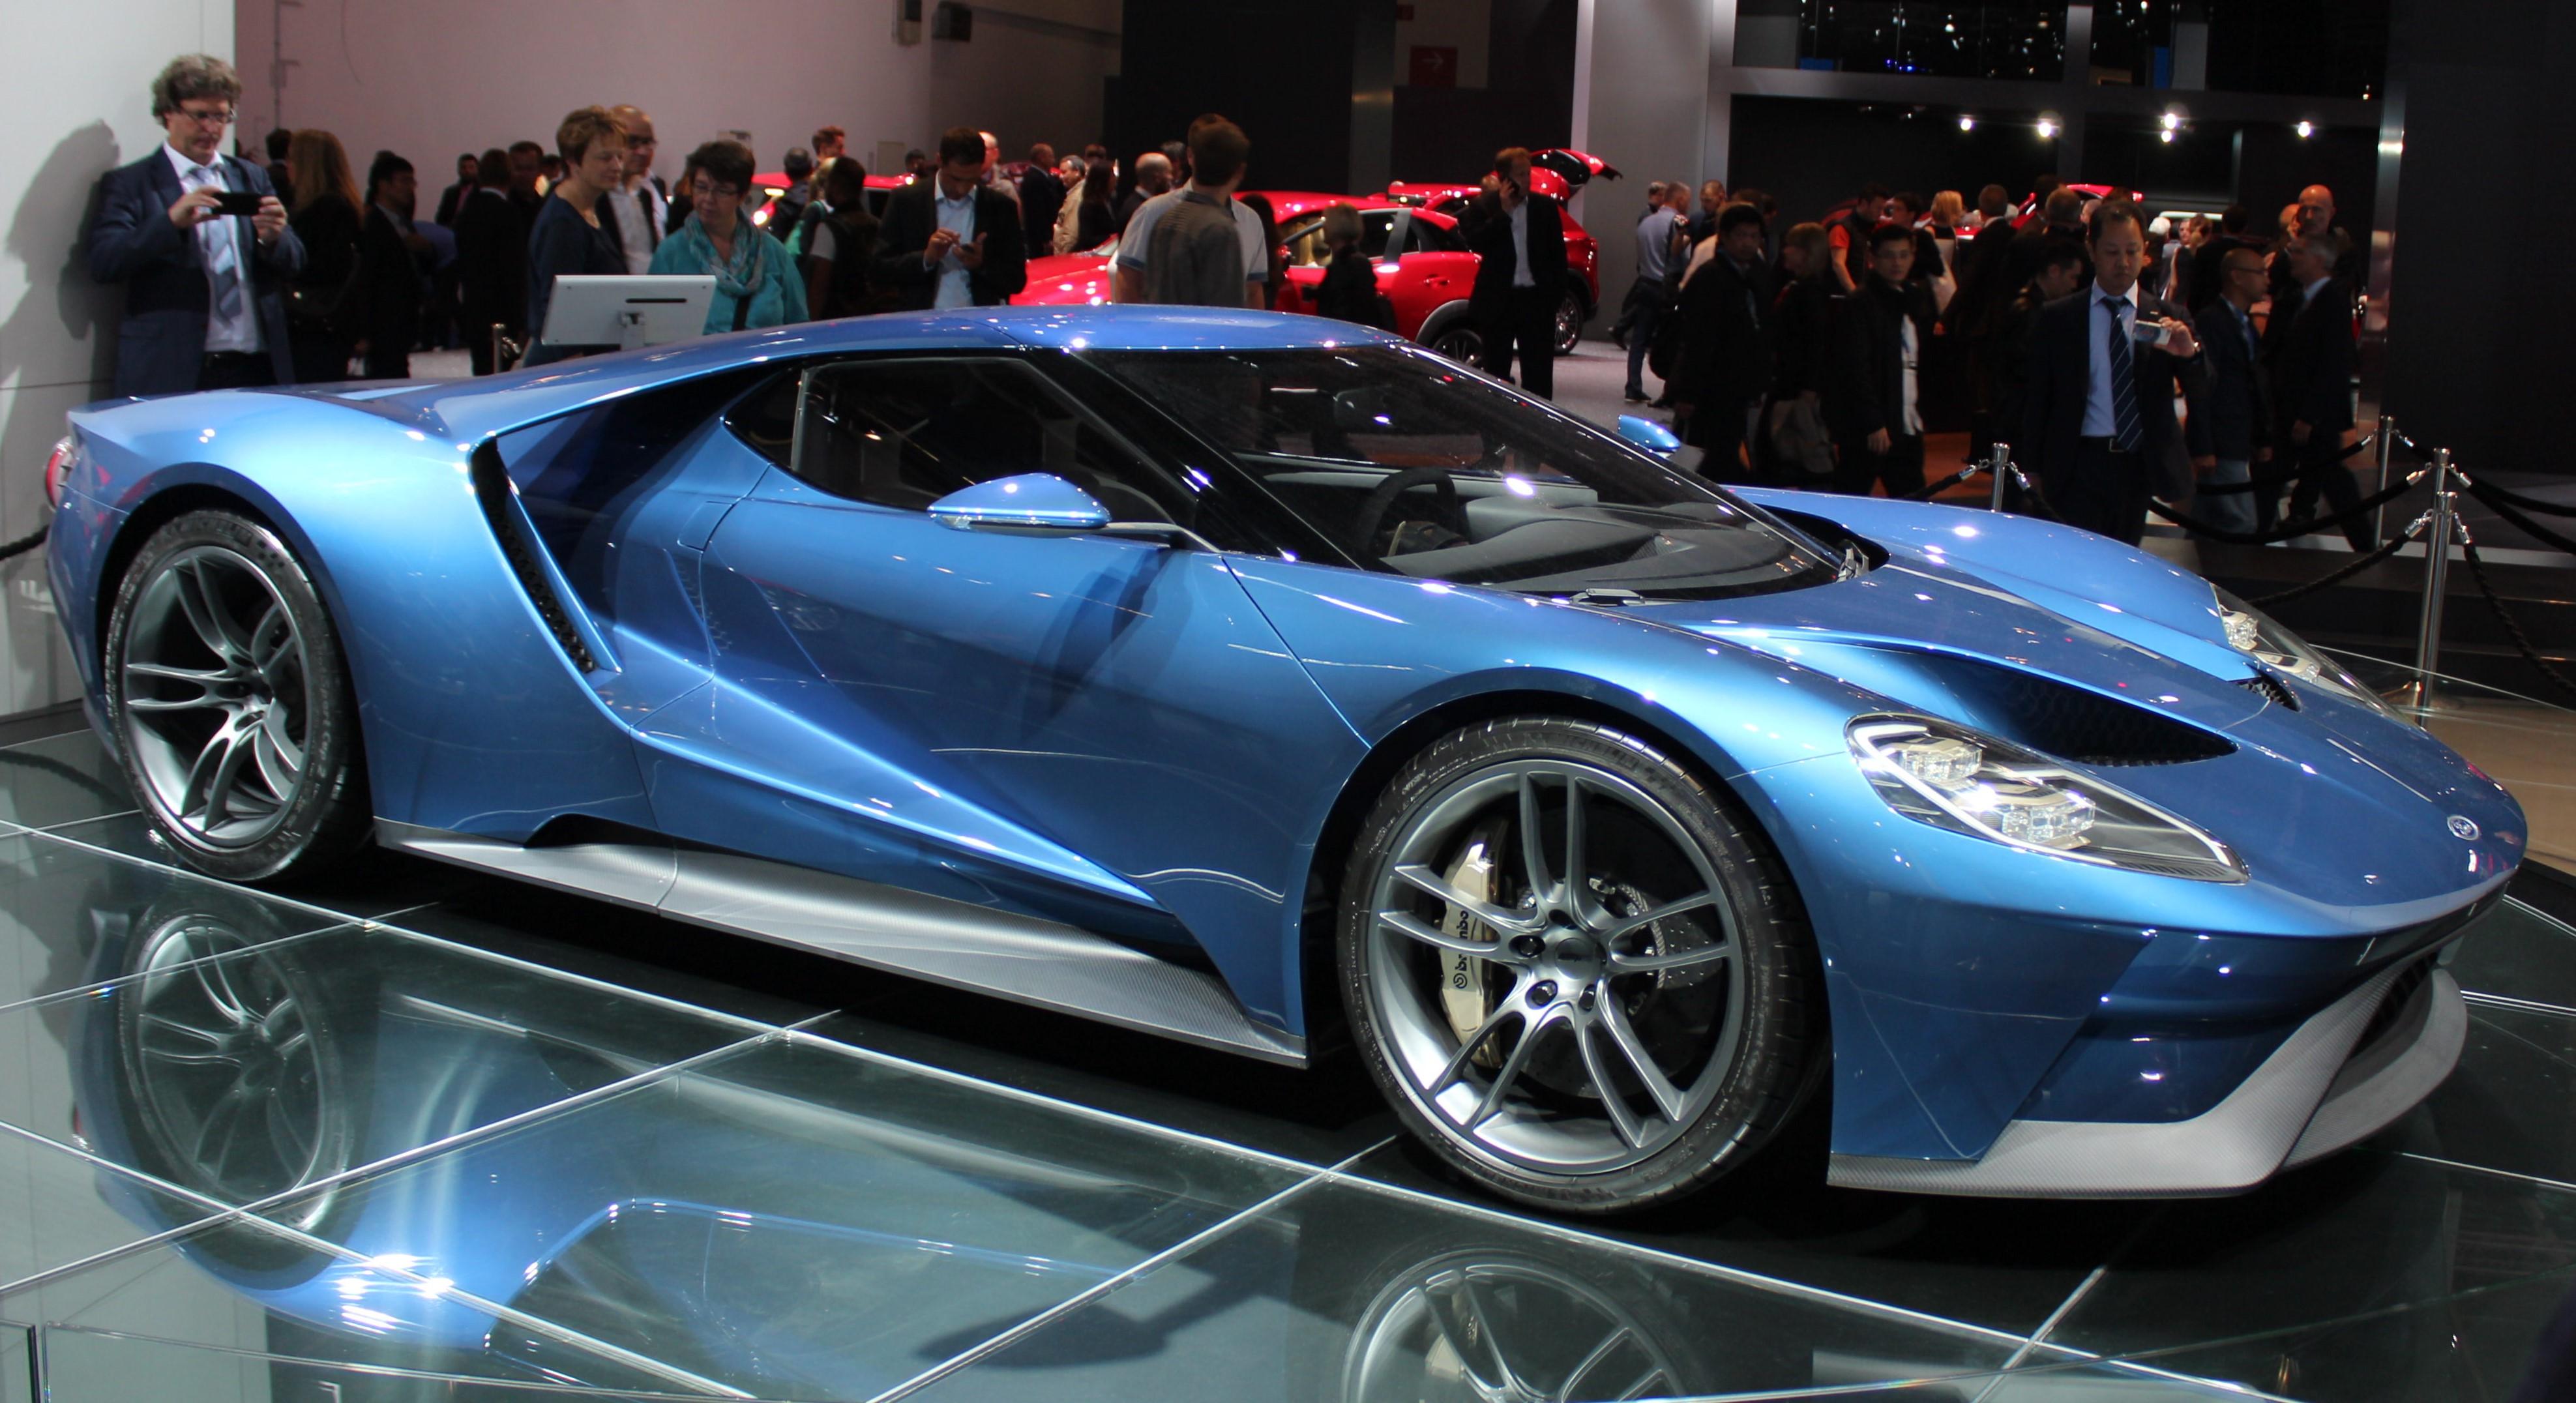 Ford GT, nya supersportvagnen från folkmärket ska tävla mot de finaste.